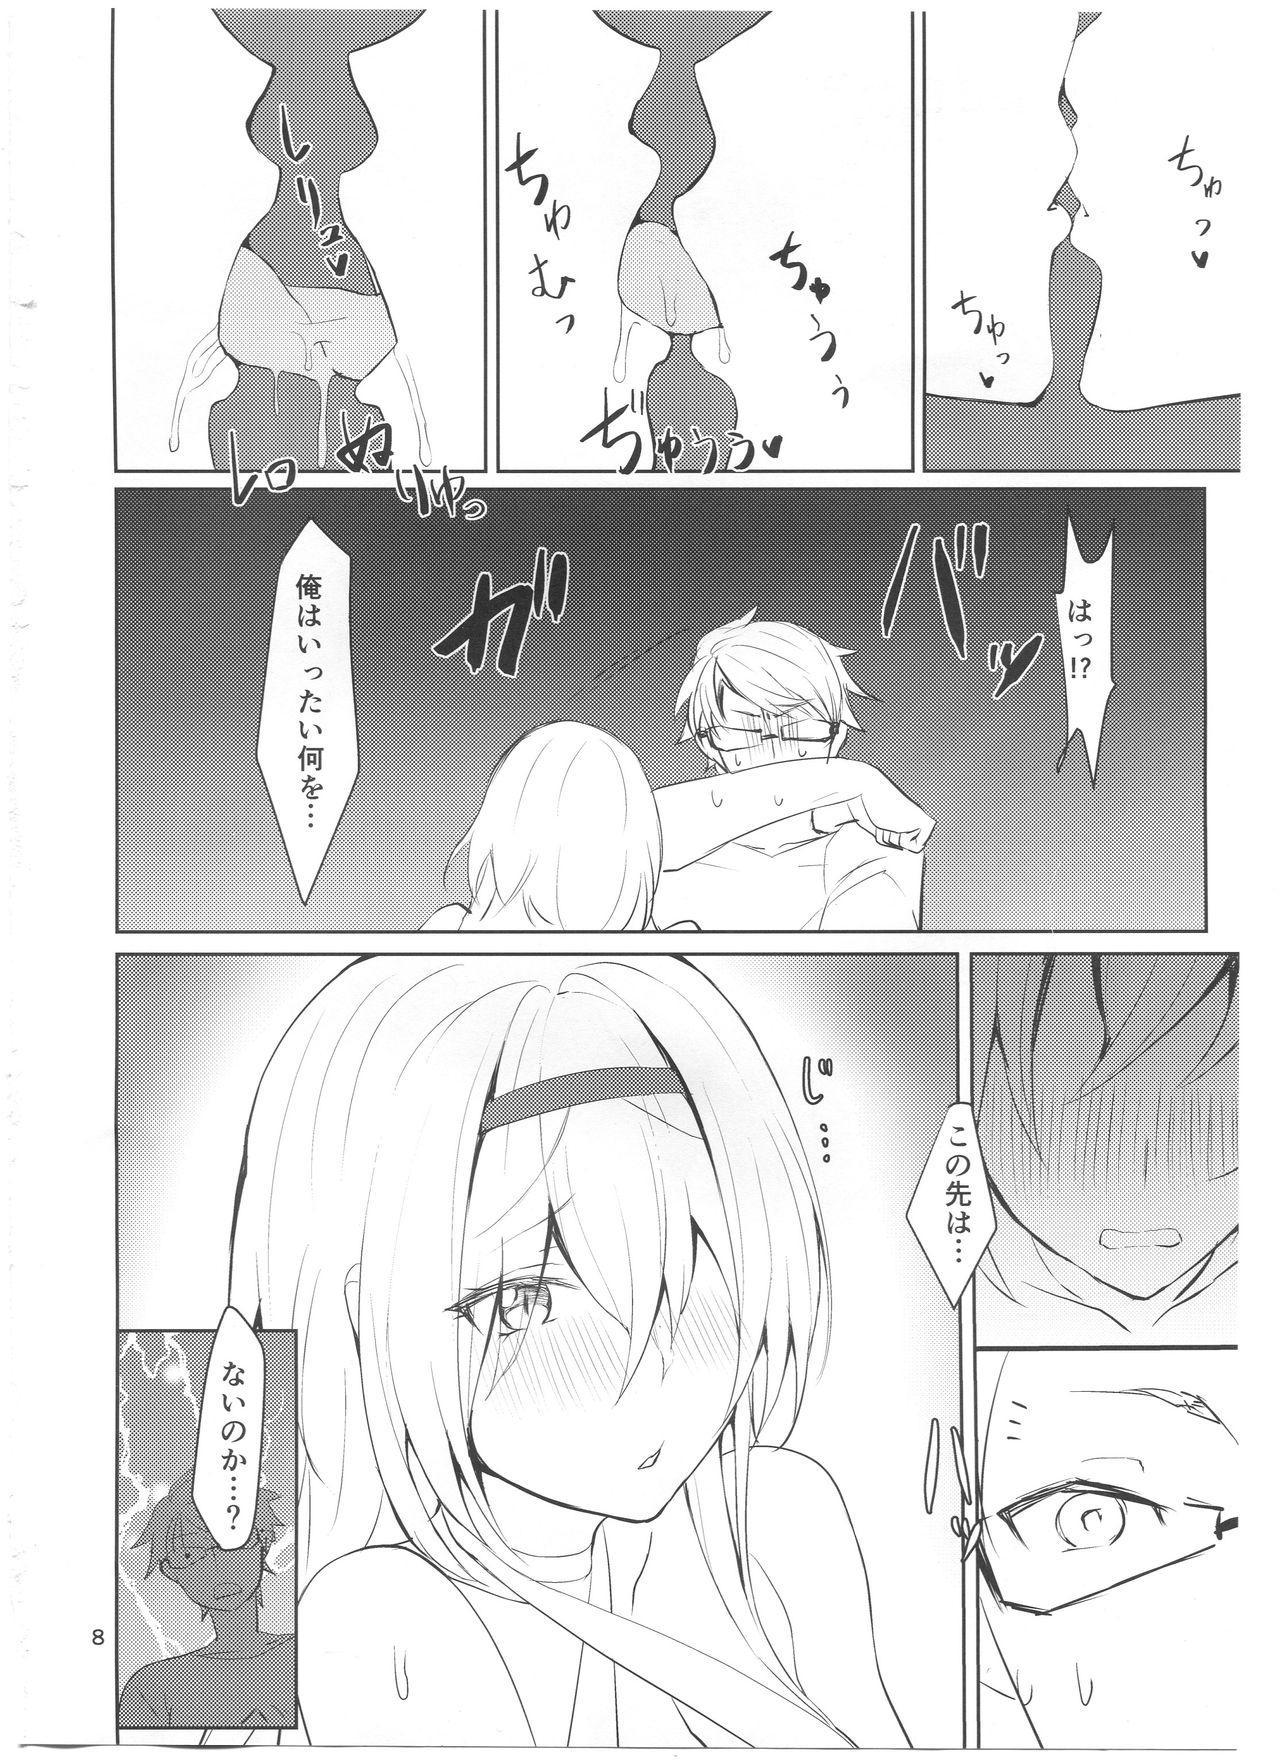 Tsuyo-sa no Himitsu 3rd 6